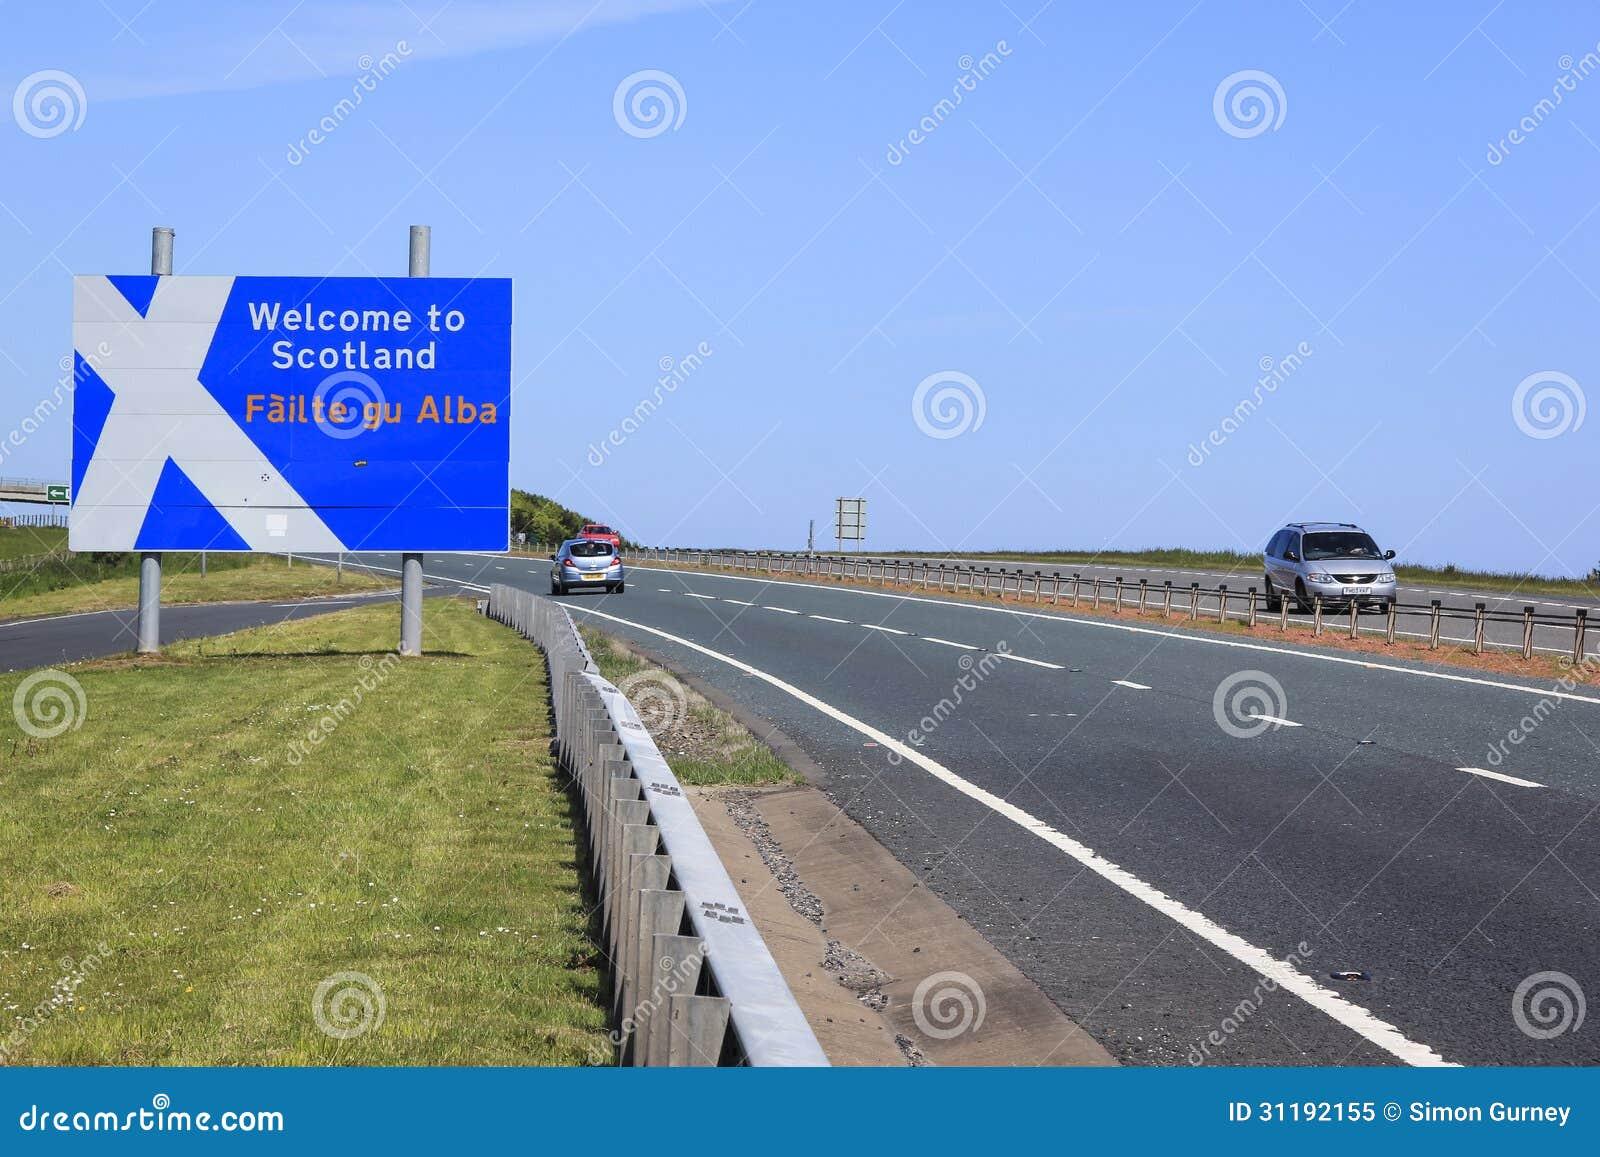 paso de frontera de inglaterra escocia imagen editorial